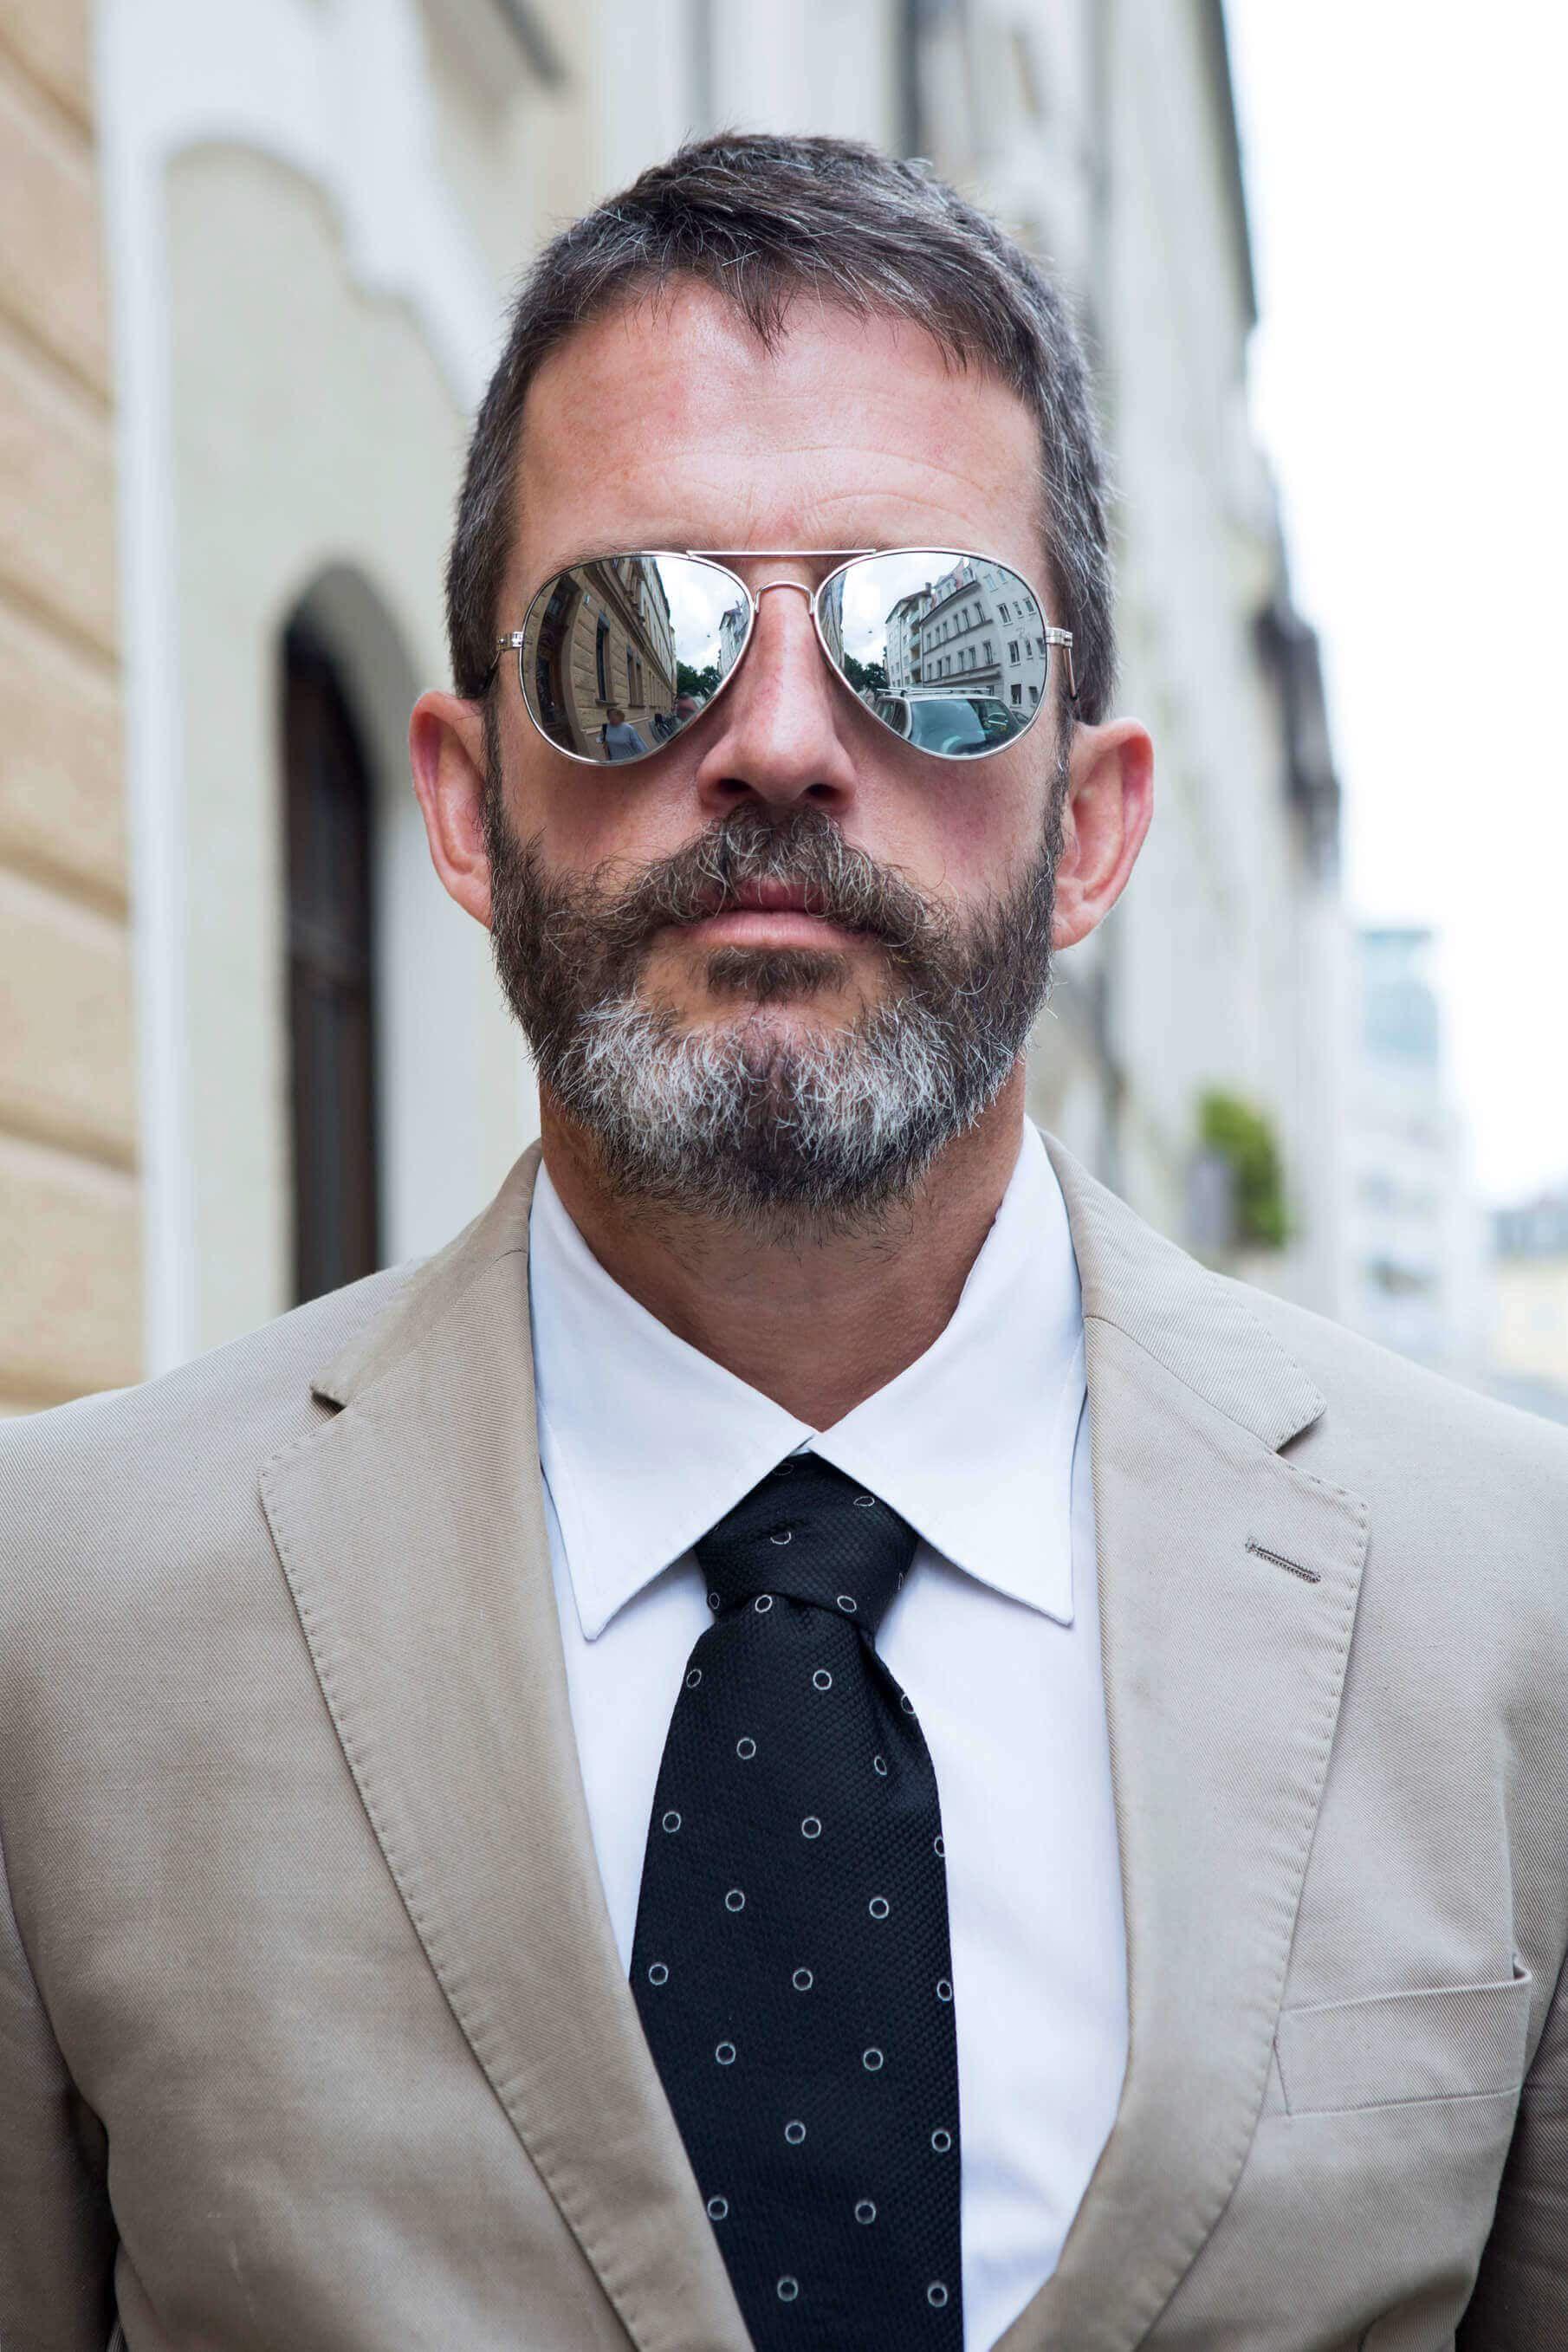 Oblong face haircut men schöne frisuren für balding männer  doctor  pinterest  mens grey